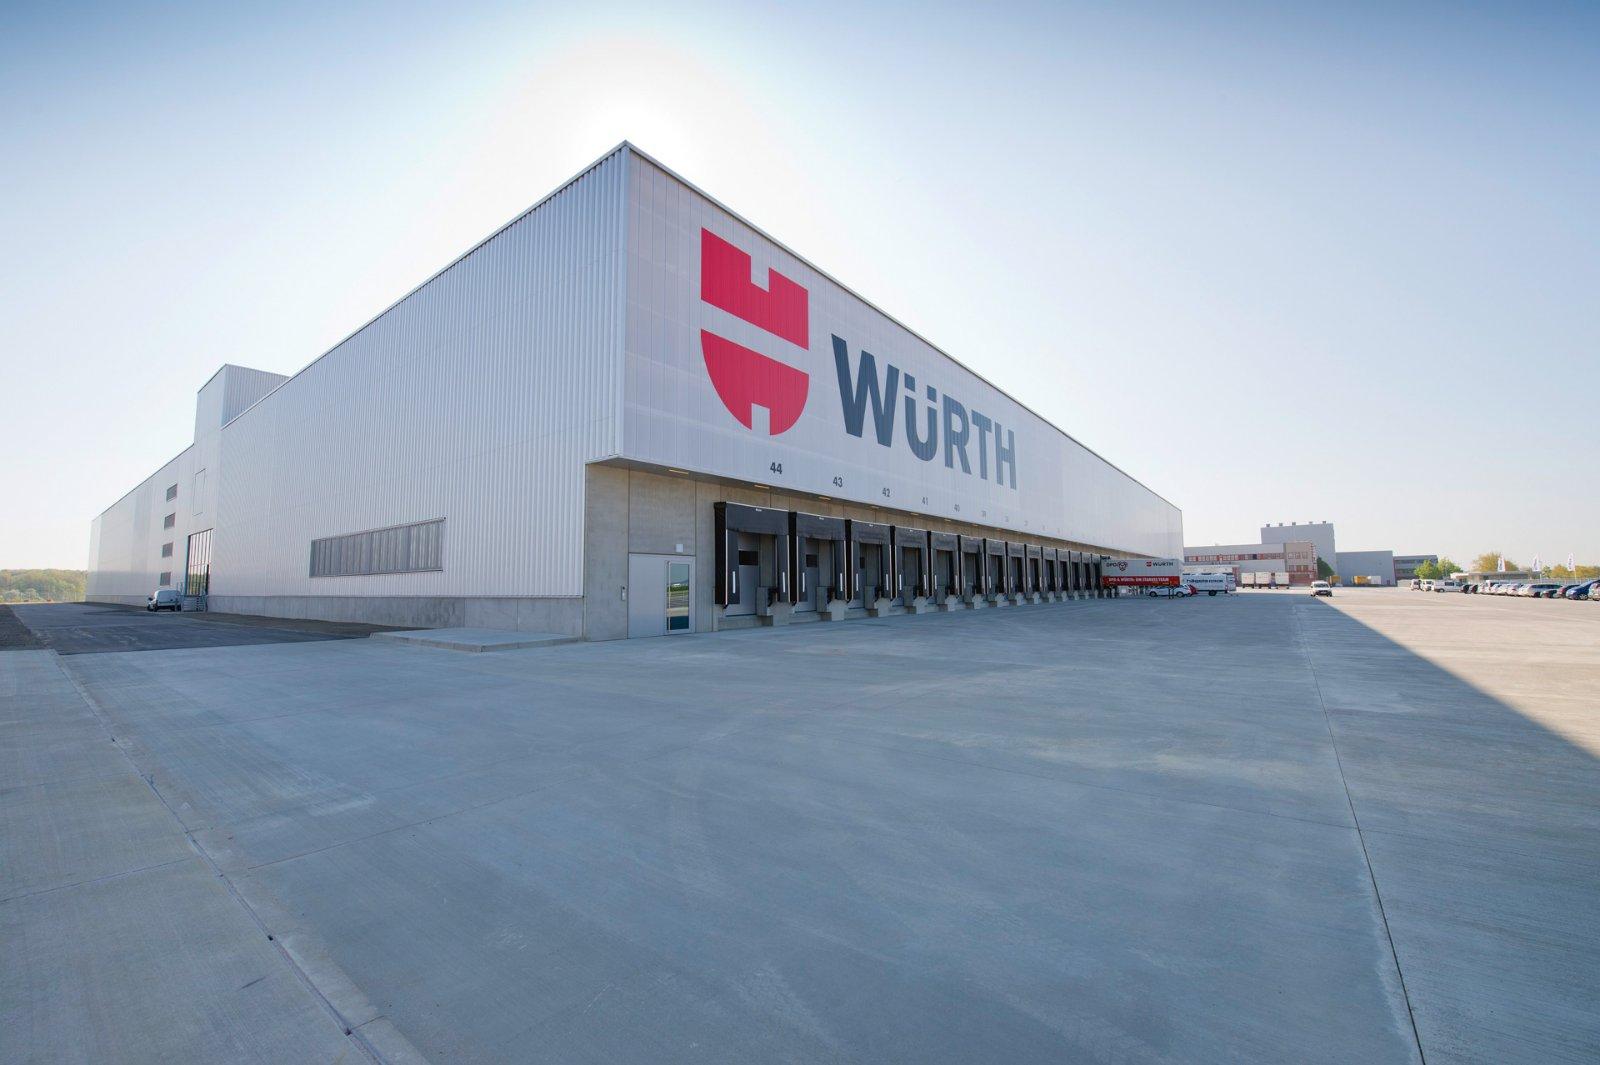 Wurth Fabrik